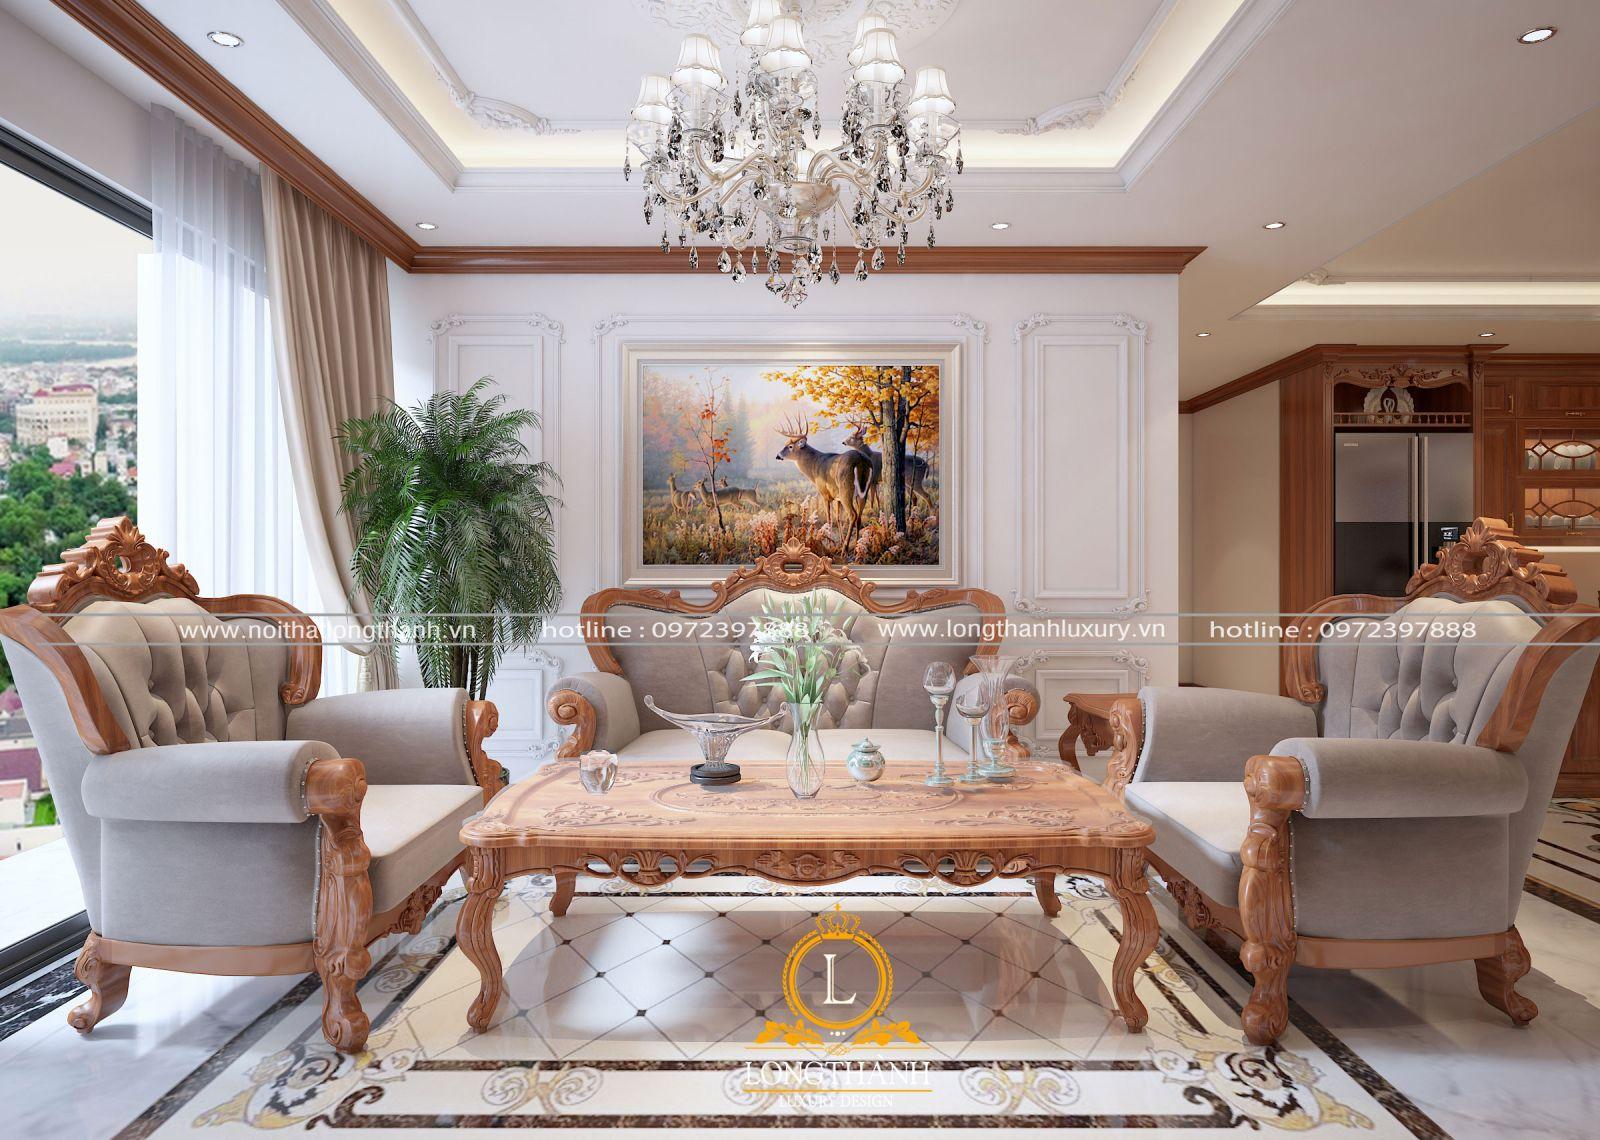 Phong cách tân cổ điển được sử dụng  nhiều trong không gian phòng khách chung cư